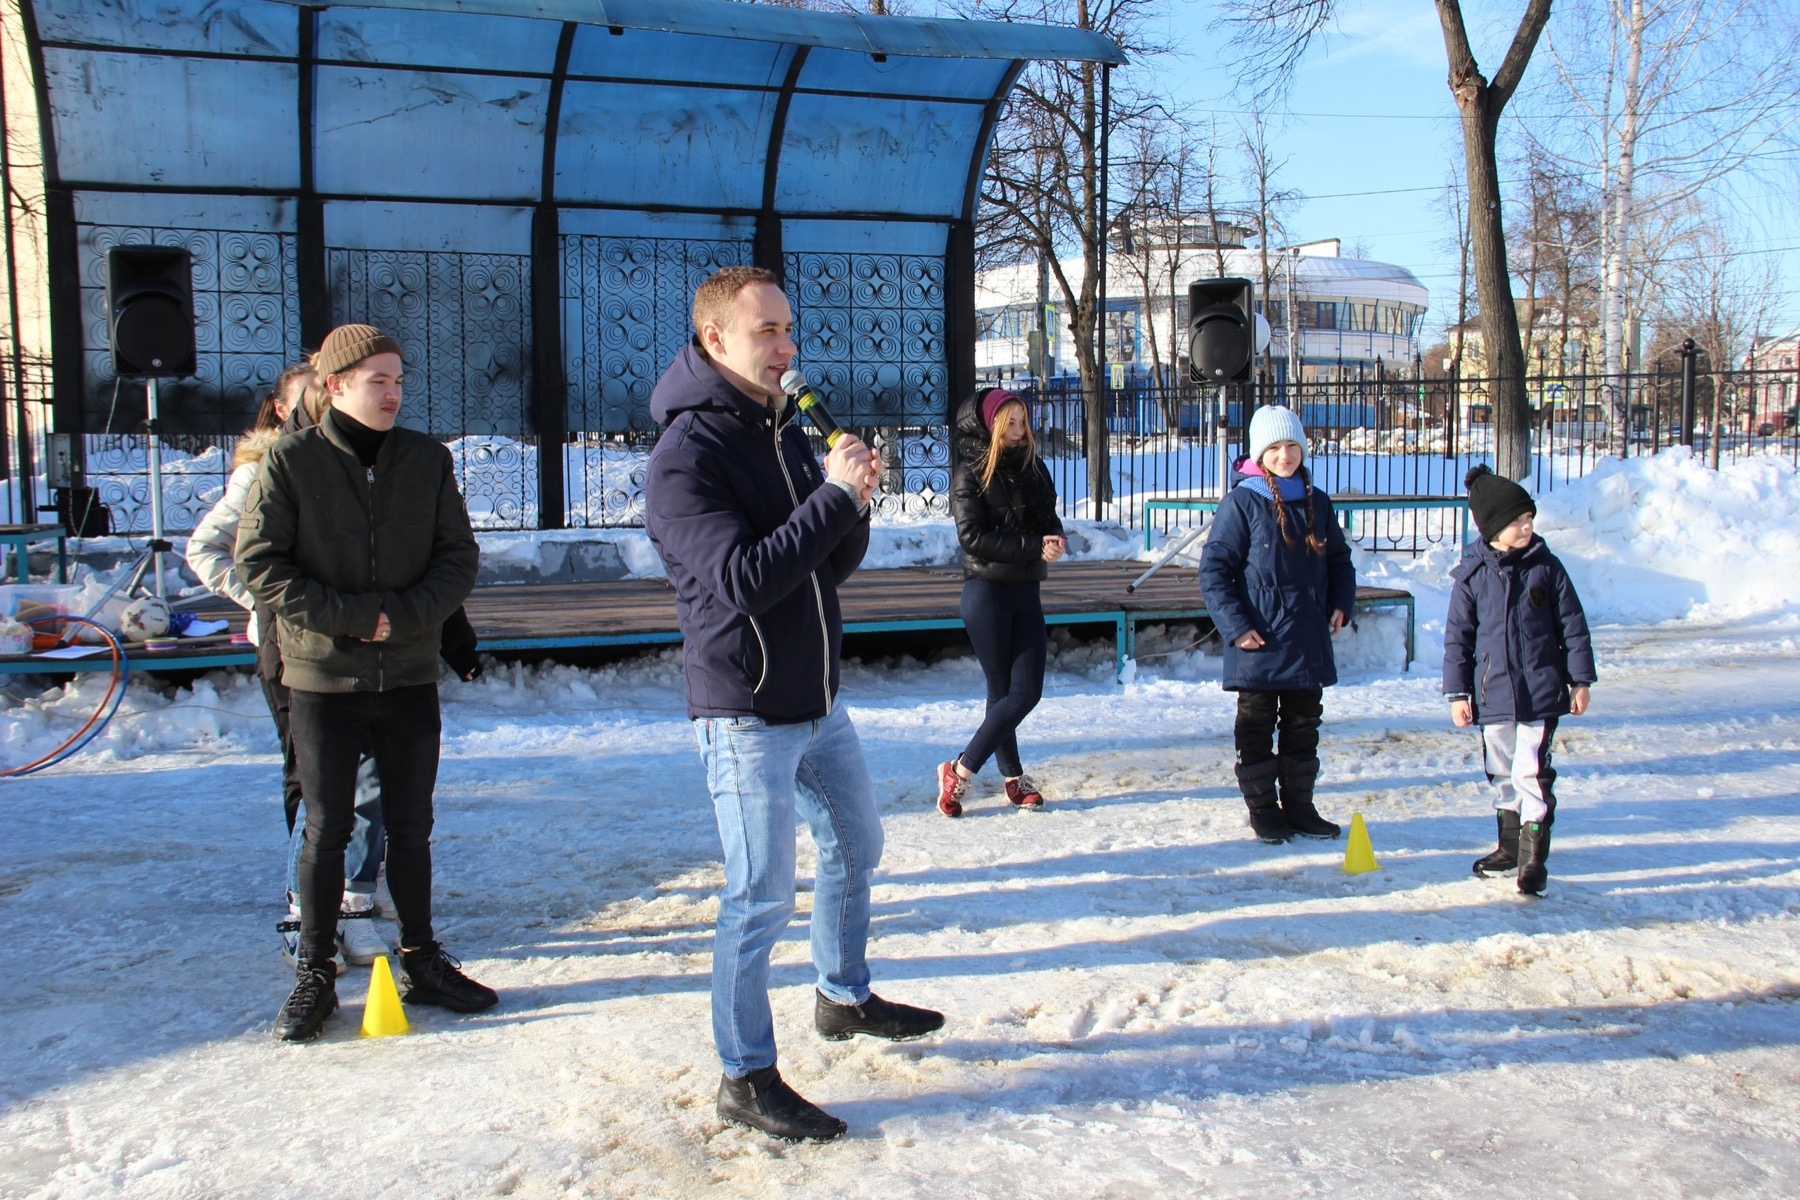 «Курс молодого бойца» прошли девчонки и мальчишки сегодня в саду Дворца культуры в Озёрах